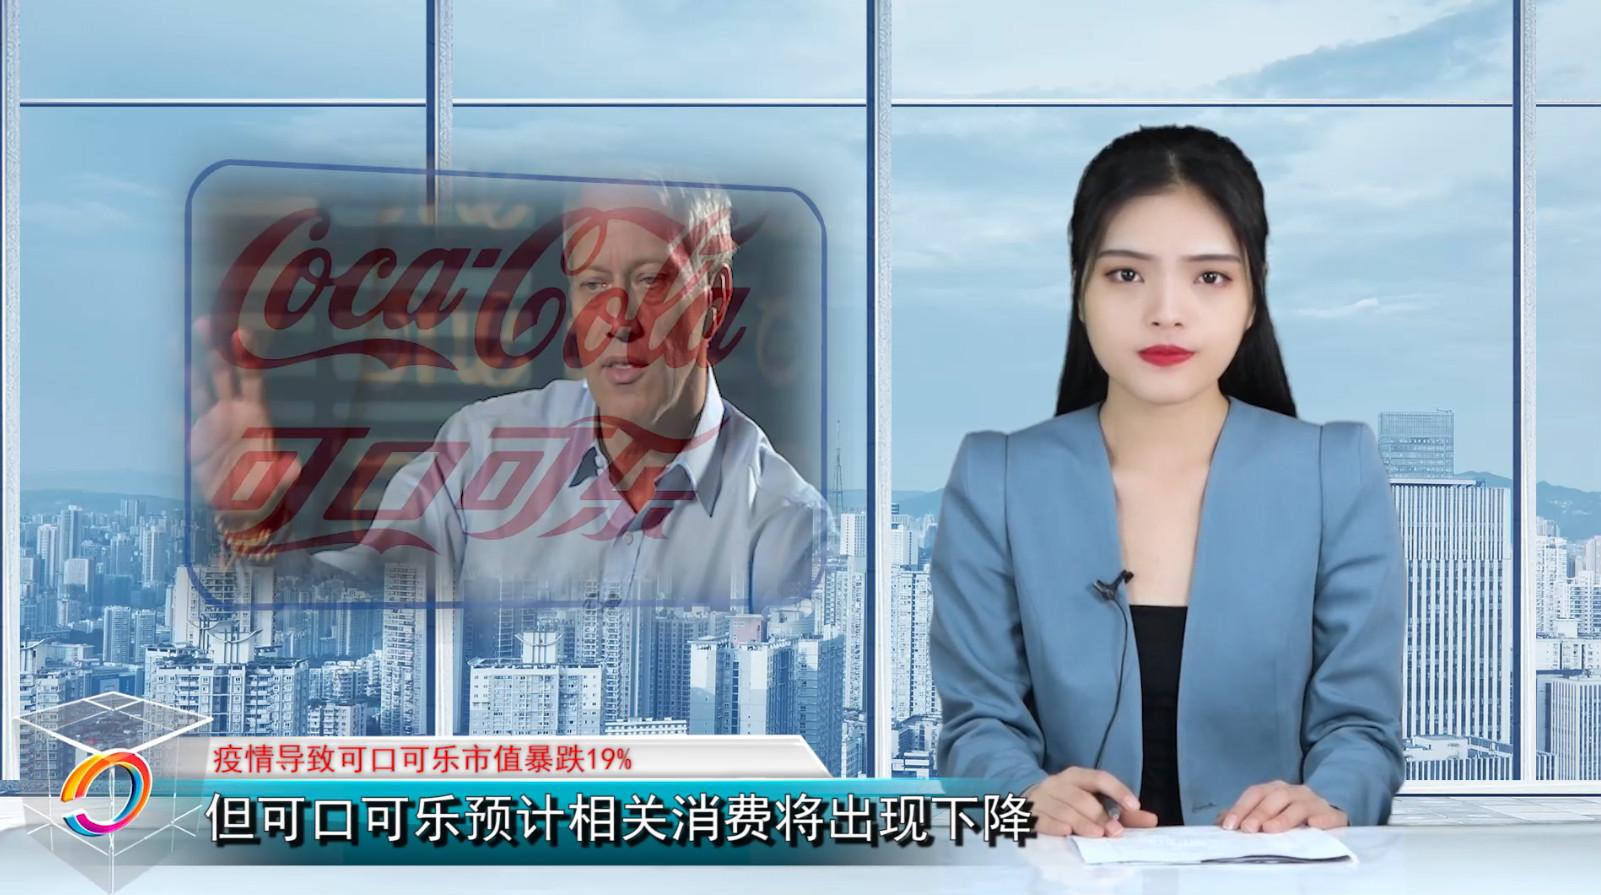 可口可乐市值暴跌19%,将与蒙牛乳业建设合资企业